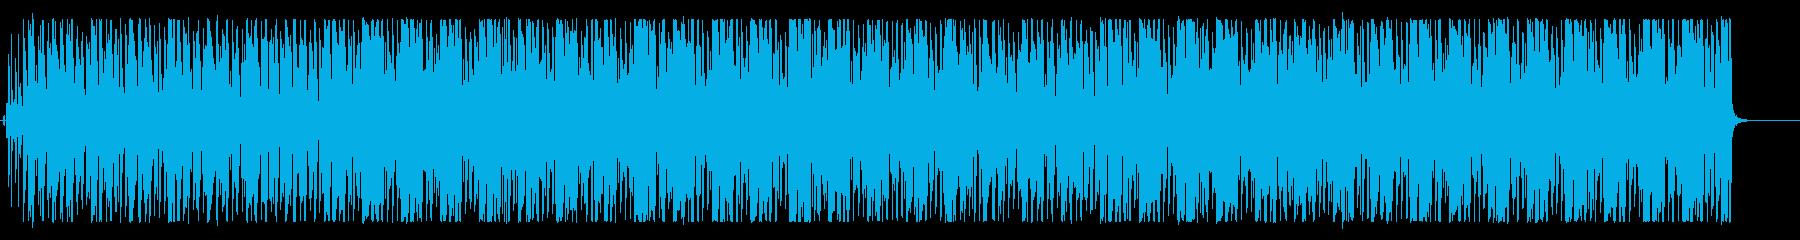 未来的でファンキーなBGMの再生済みの波形